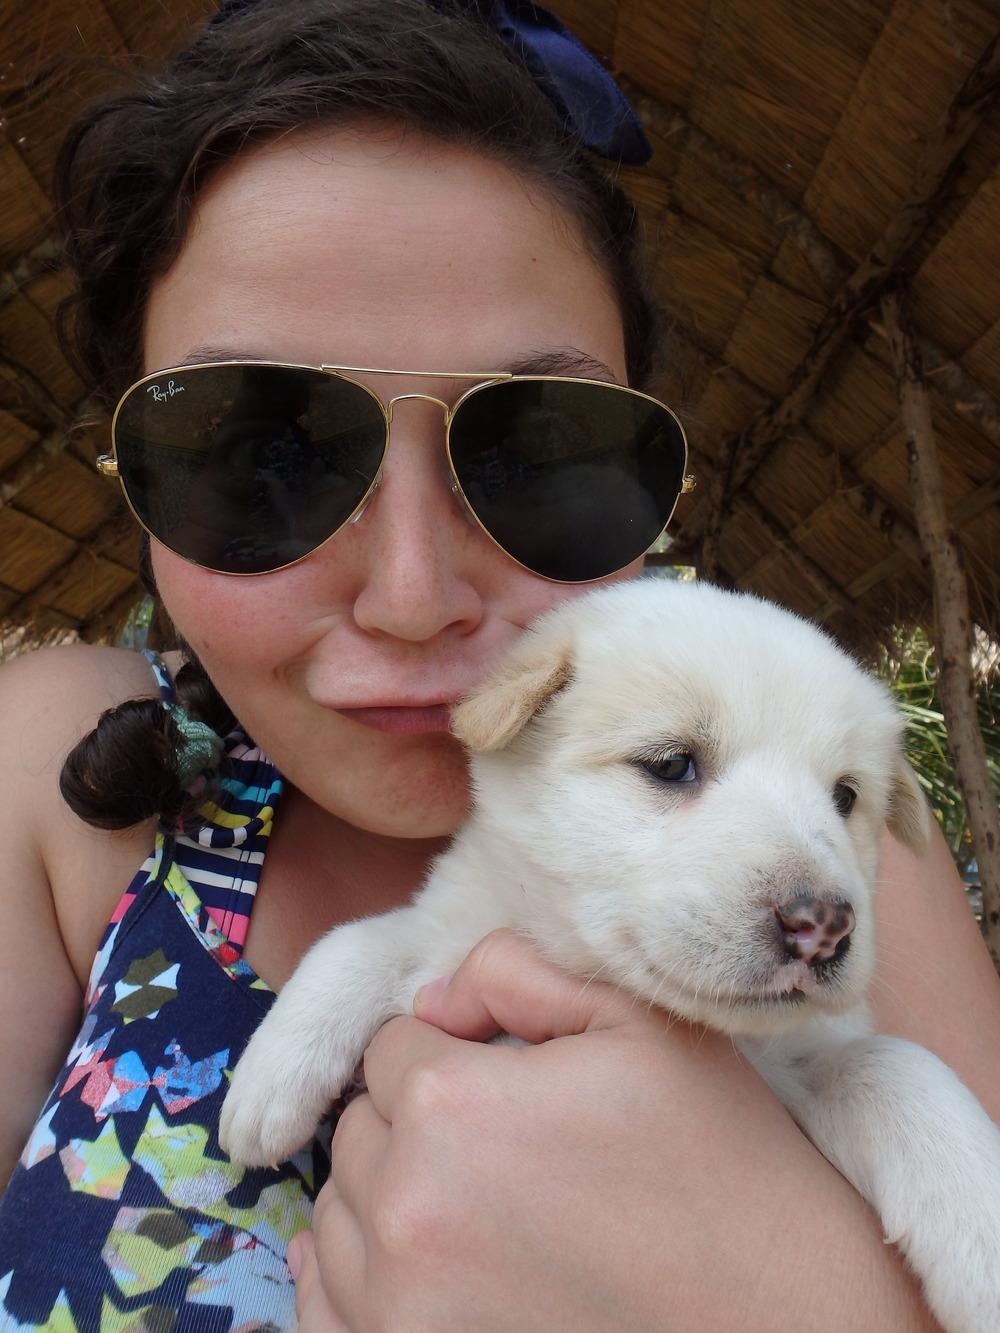 Me 'n' puppy